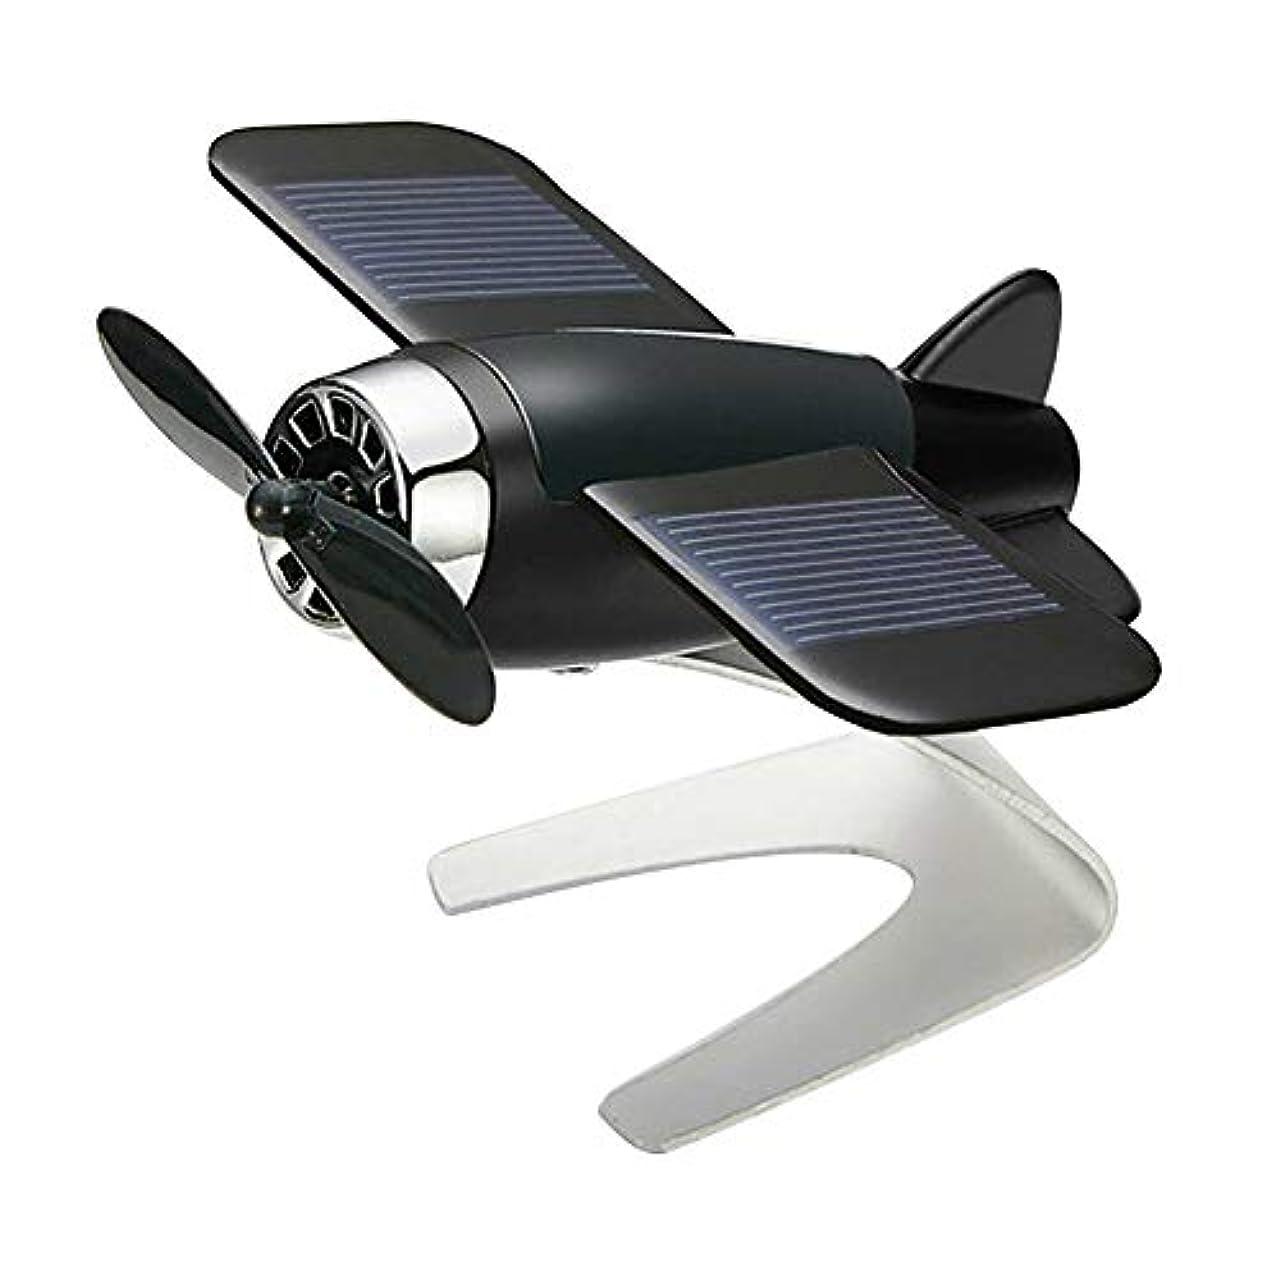 認可つば協力的Symboat 車の芳香剤飛行機航空機モデル太陽エネルギーアロマテラピー室内装飾